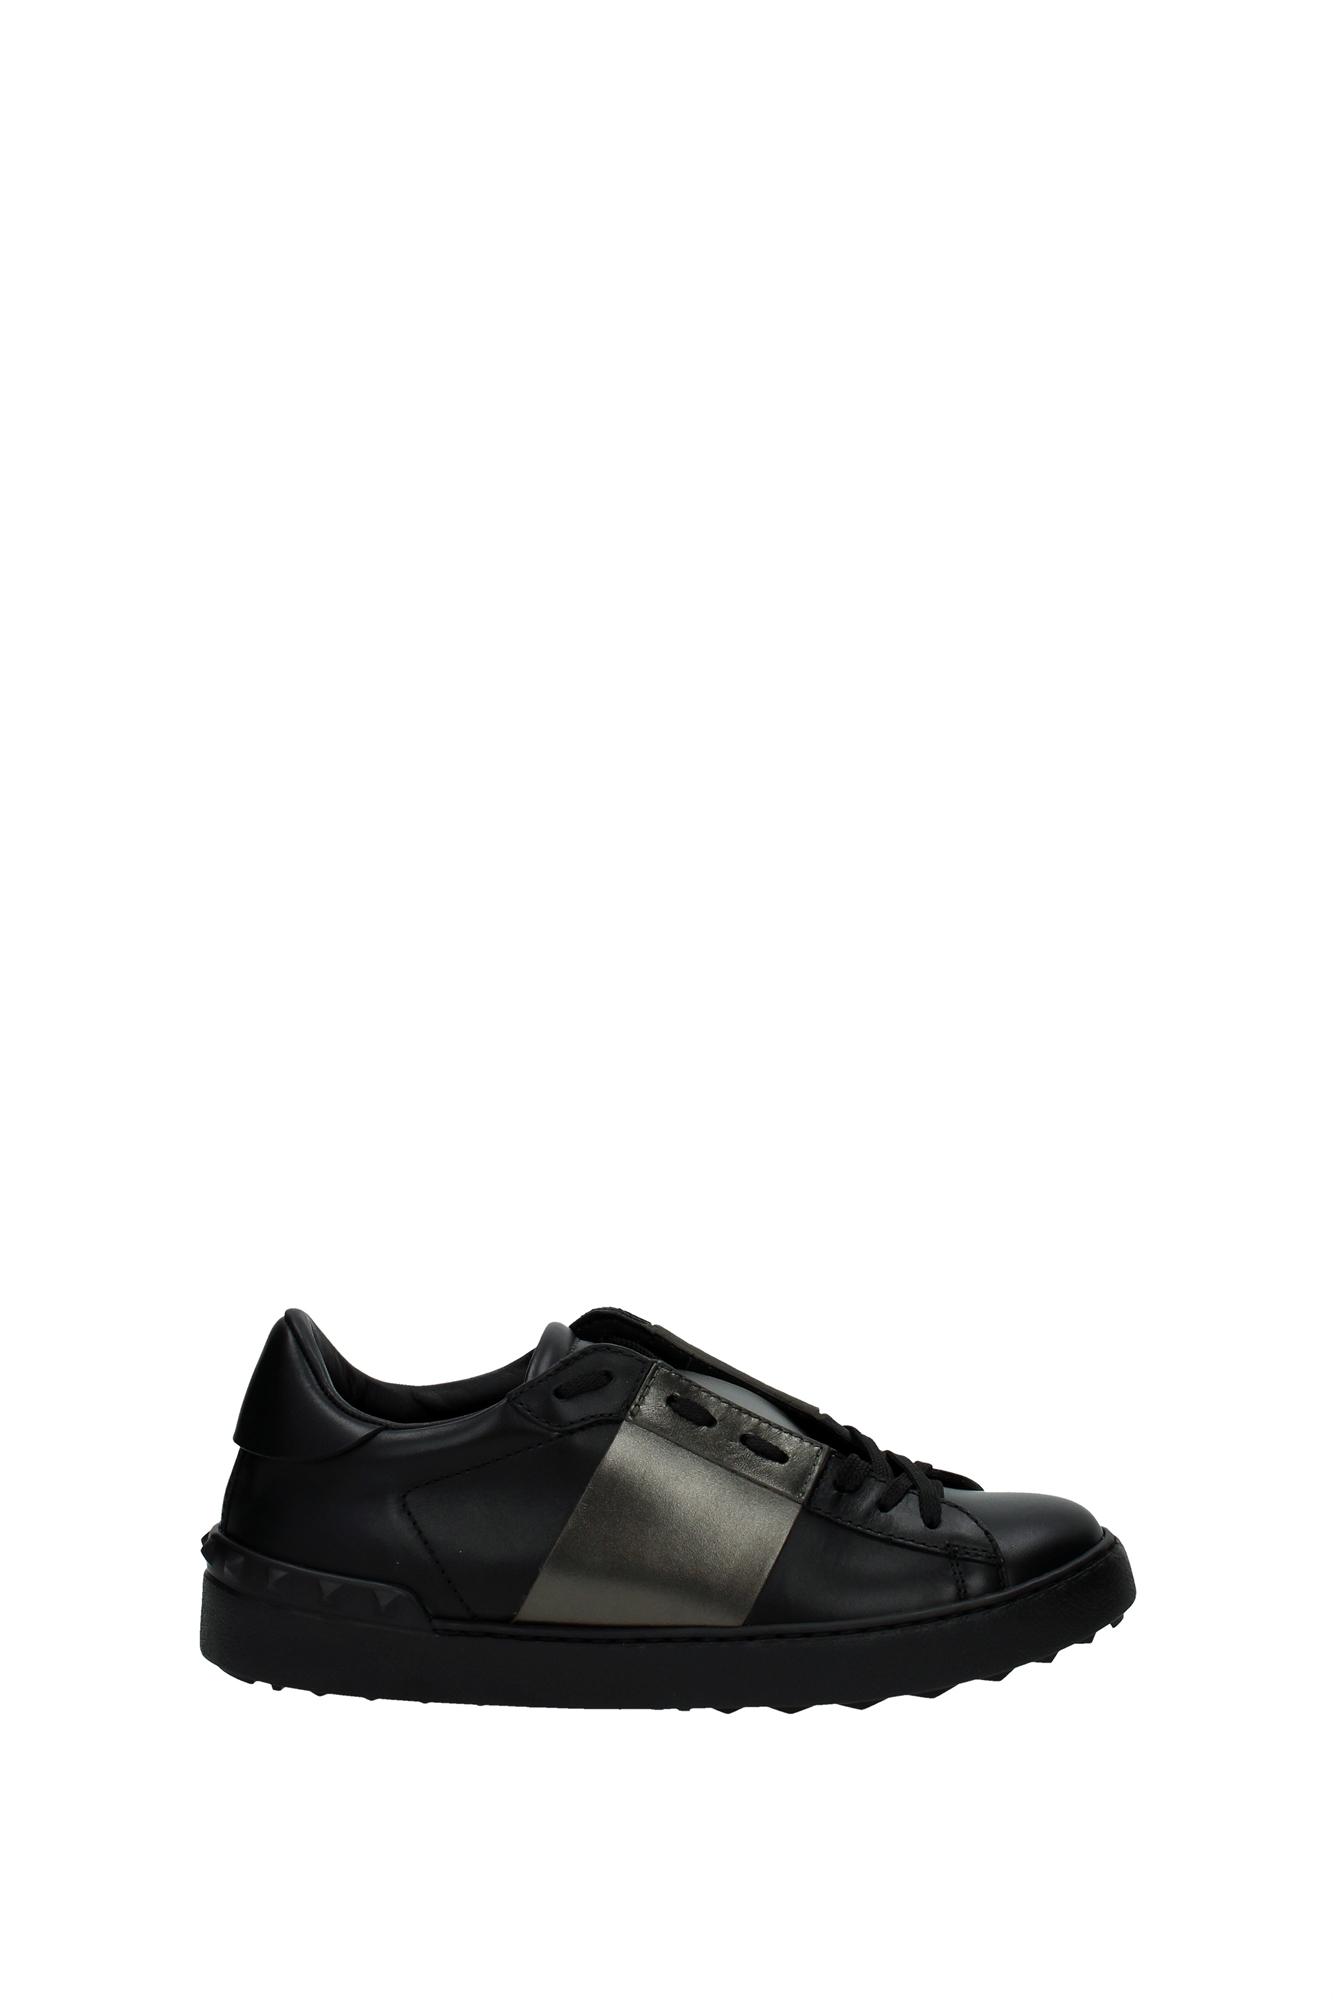 sneakers valentino herren leder schwarz ly0s0830tlvn07 ebay. Black Bedroom Furniture Sets. Home Design Ideas